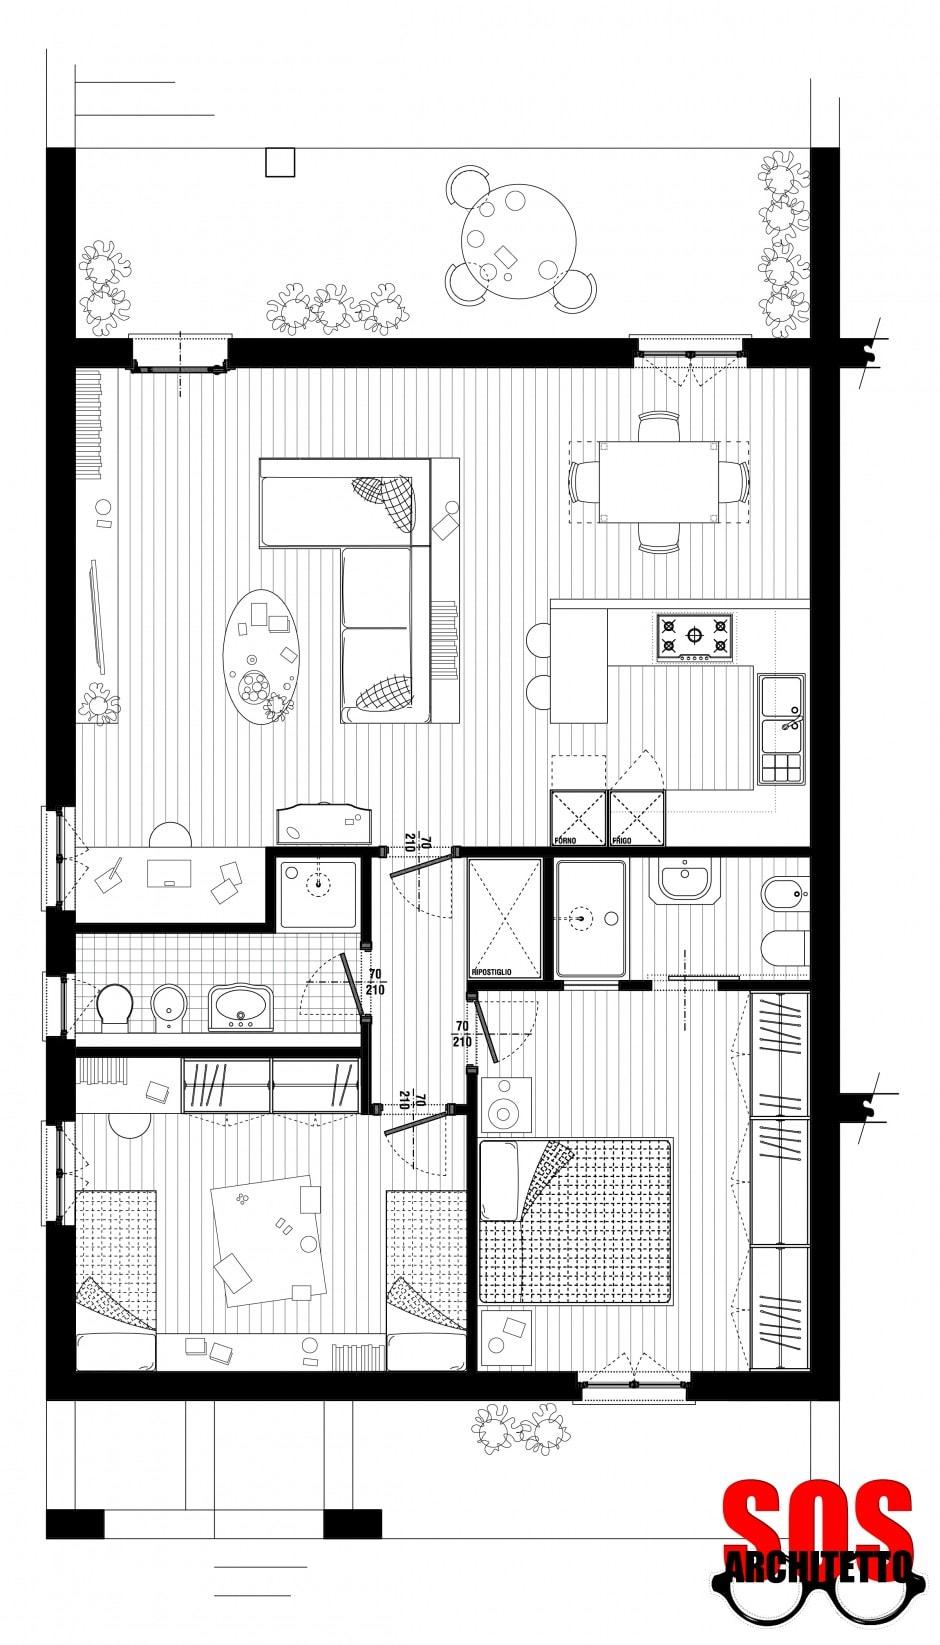 Casa progetto 007 sos architetto online sos architetto for Progetto online casa